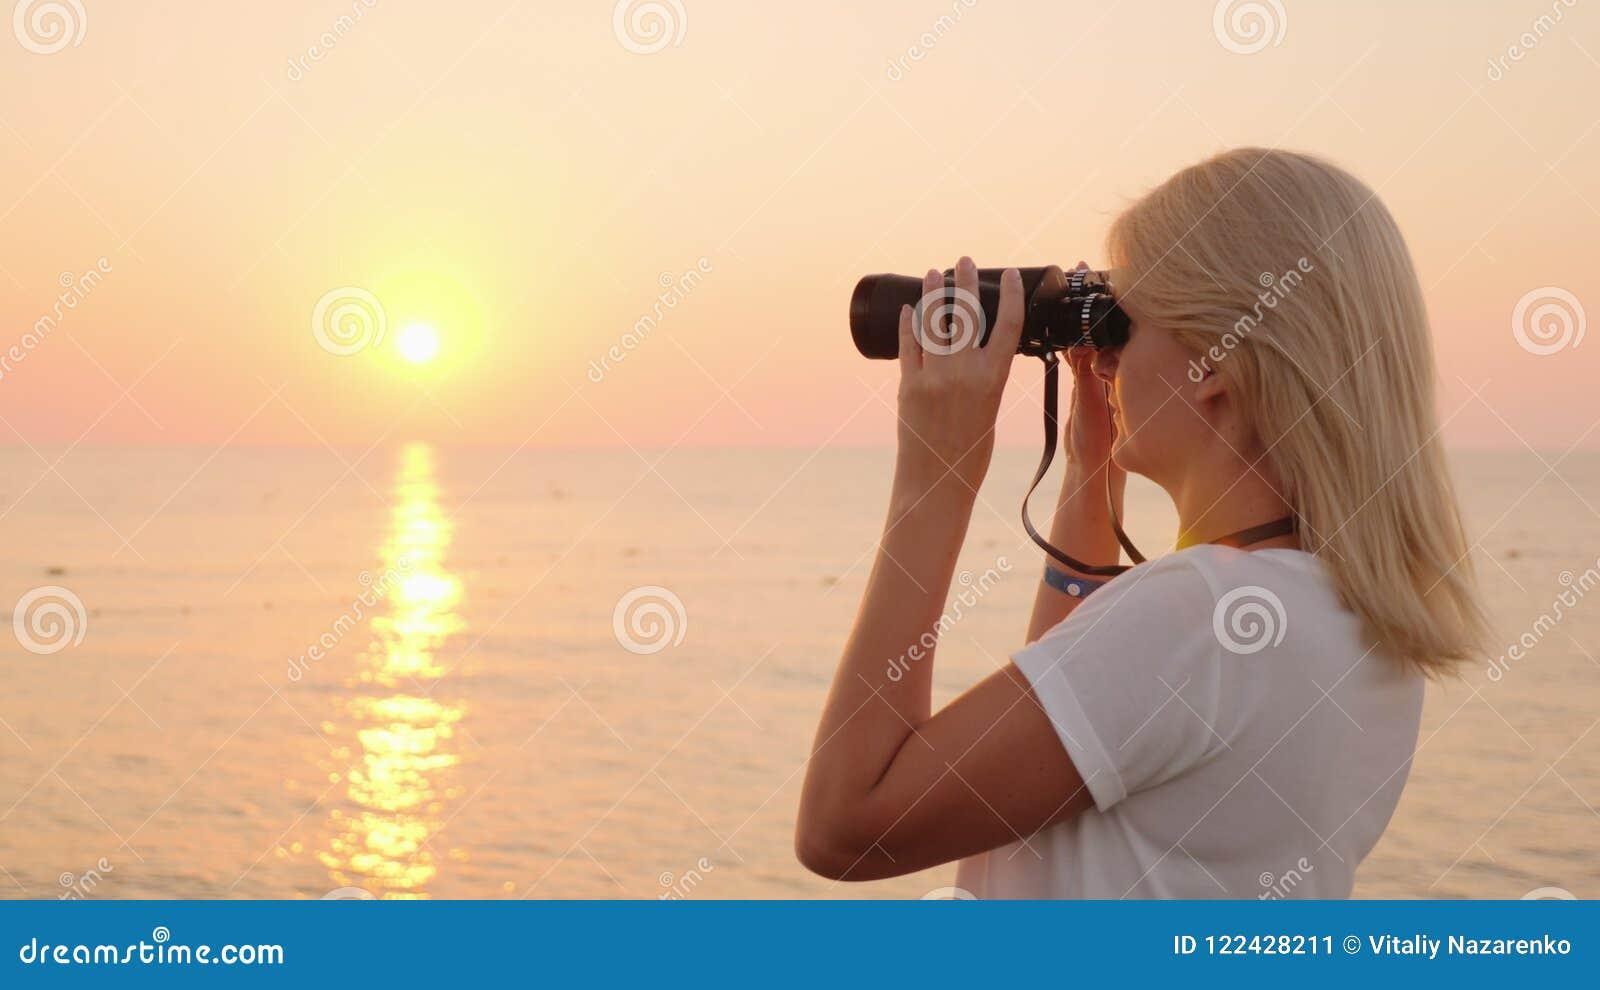 La mujer joven atractiva considera a través de los prismáticos la salida del sol sobre el mar Romance y aventura